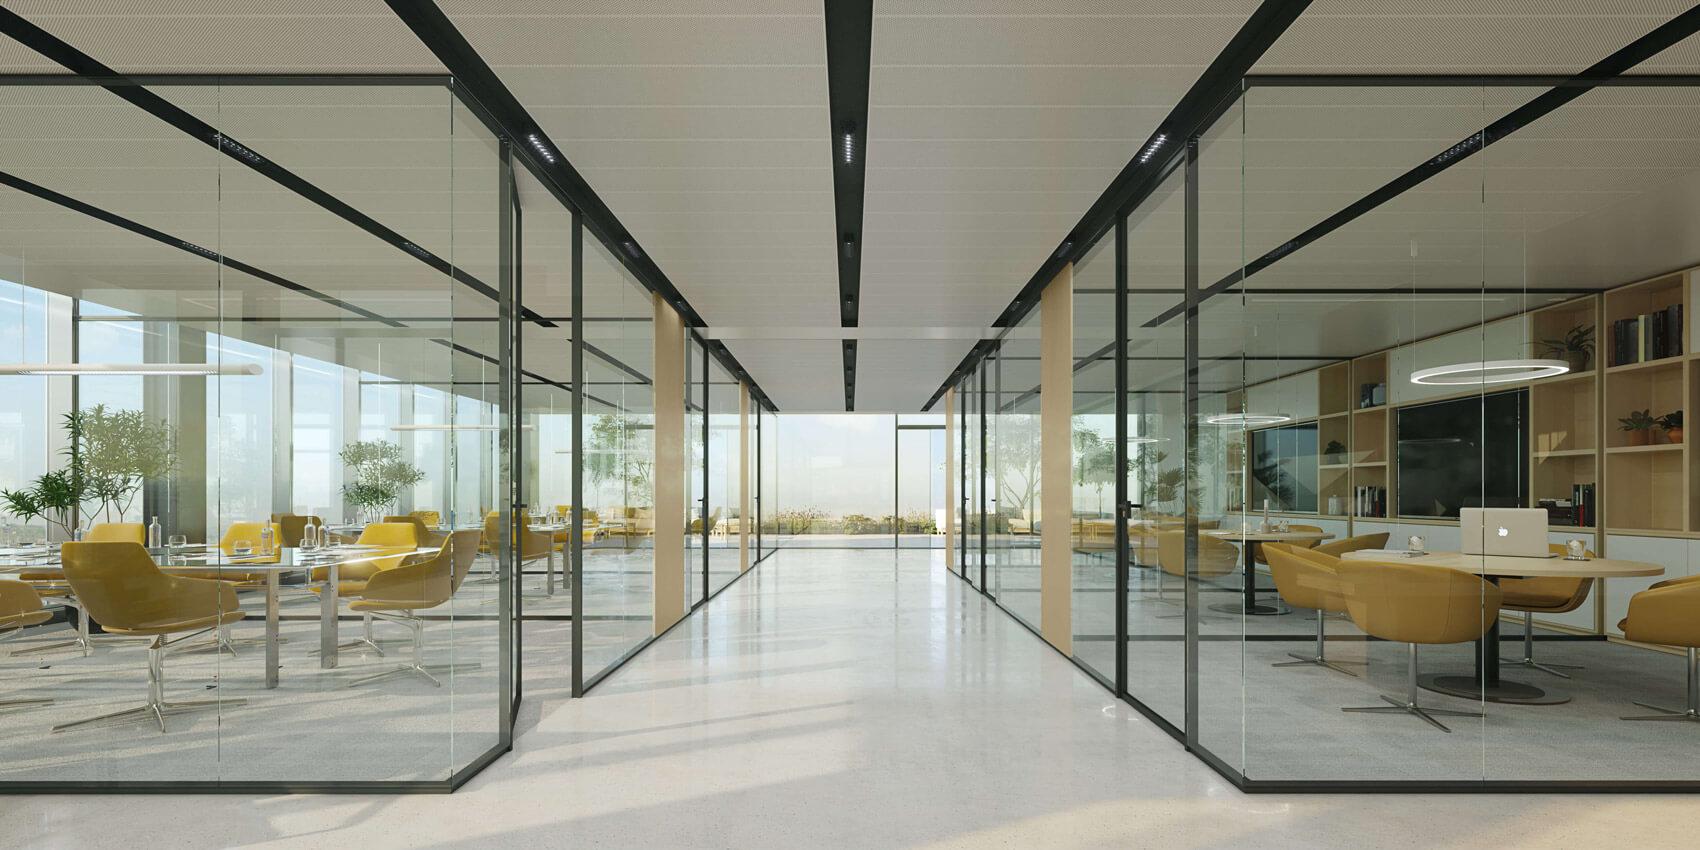 Zona clientes con salas de reuniones